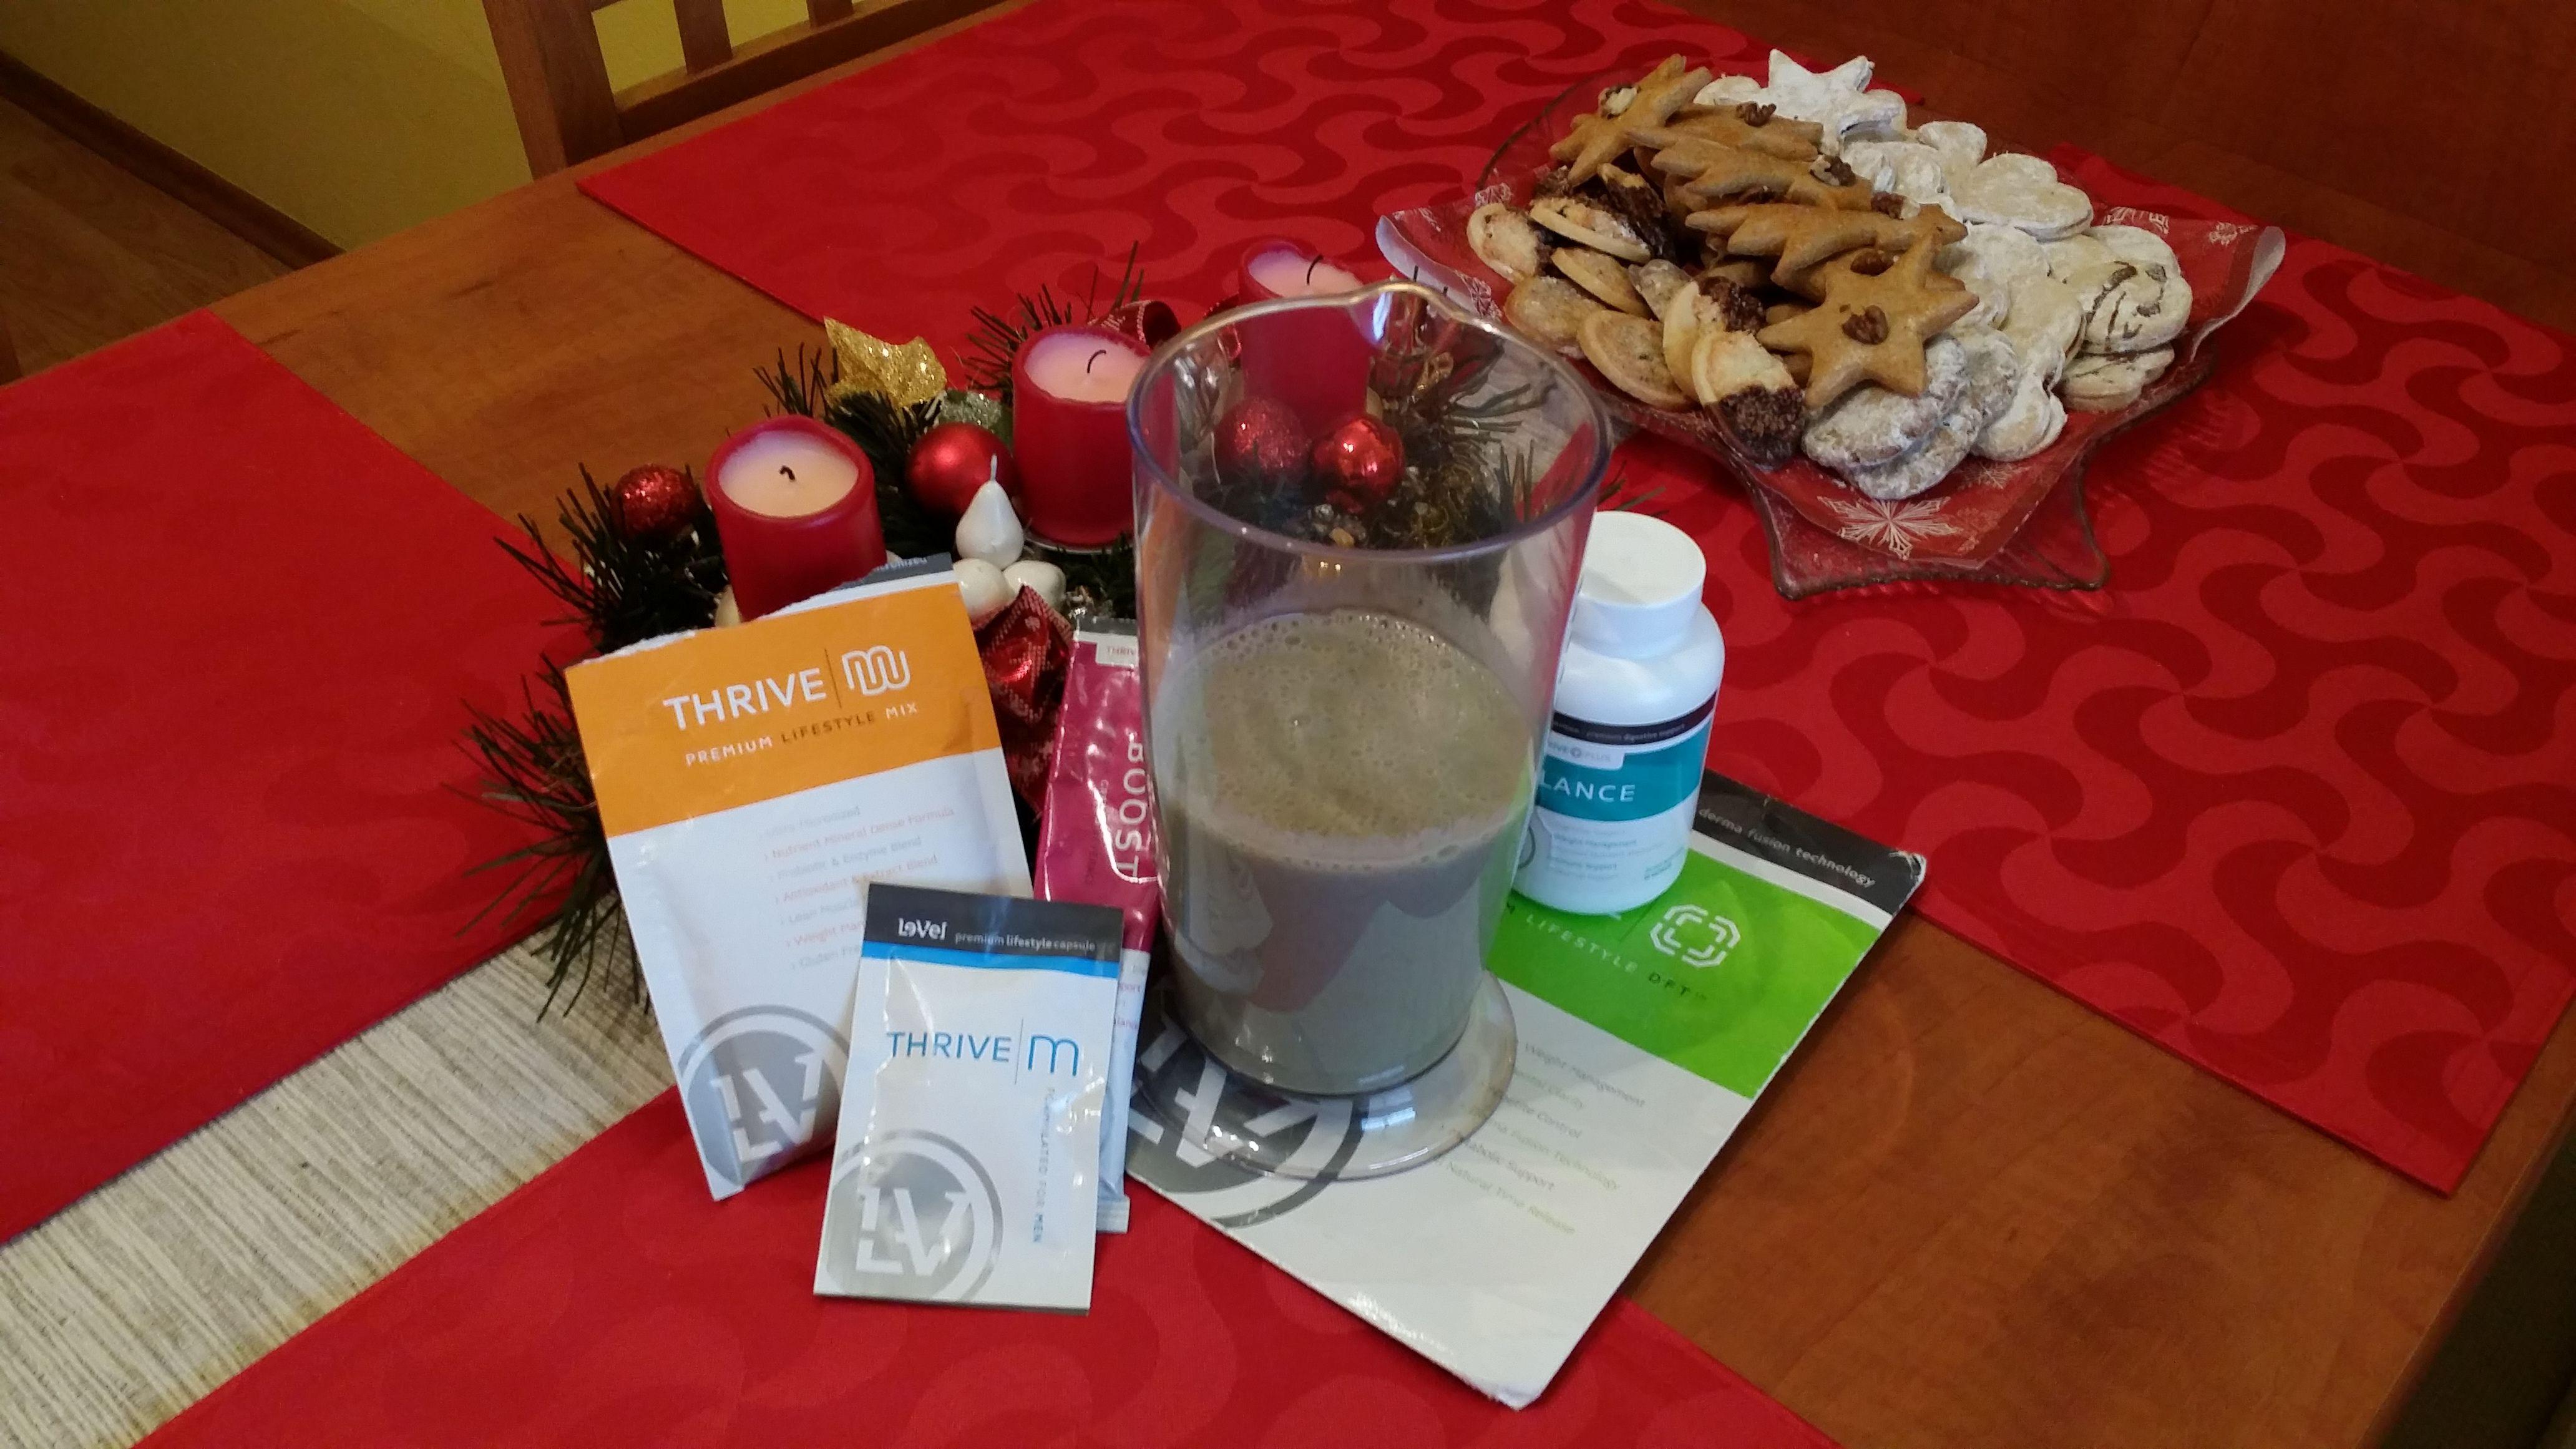 Nie koláče, už im odzvonilo, pekne po starom začínam aj v Novom roku. Moja ranná dávka. Kapsule, banánový shake spolu s Boostom a škoricou. Na záver prelepiť #DFT. Mňam - mňam.  #zdravie #chudnutie #príležitosť #výživa #Thrive http://www.longi.le-vel.com